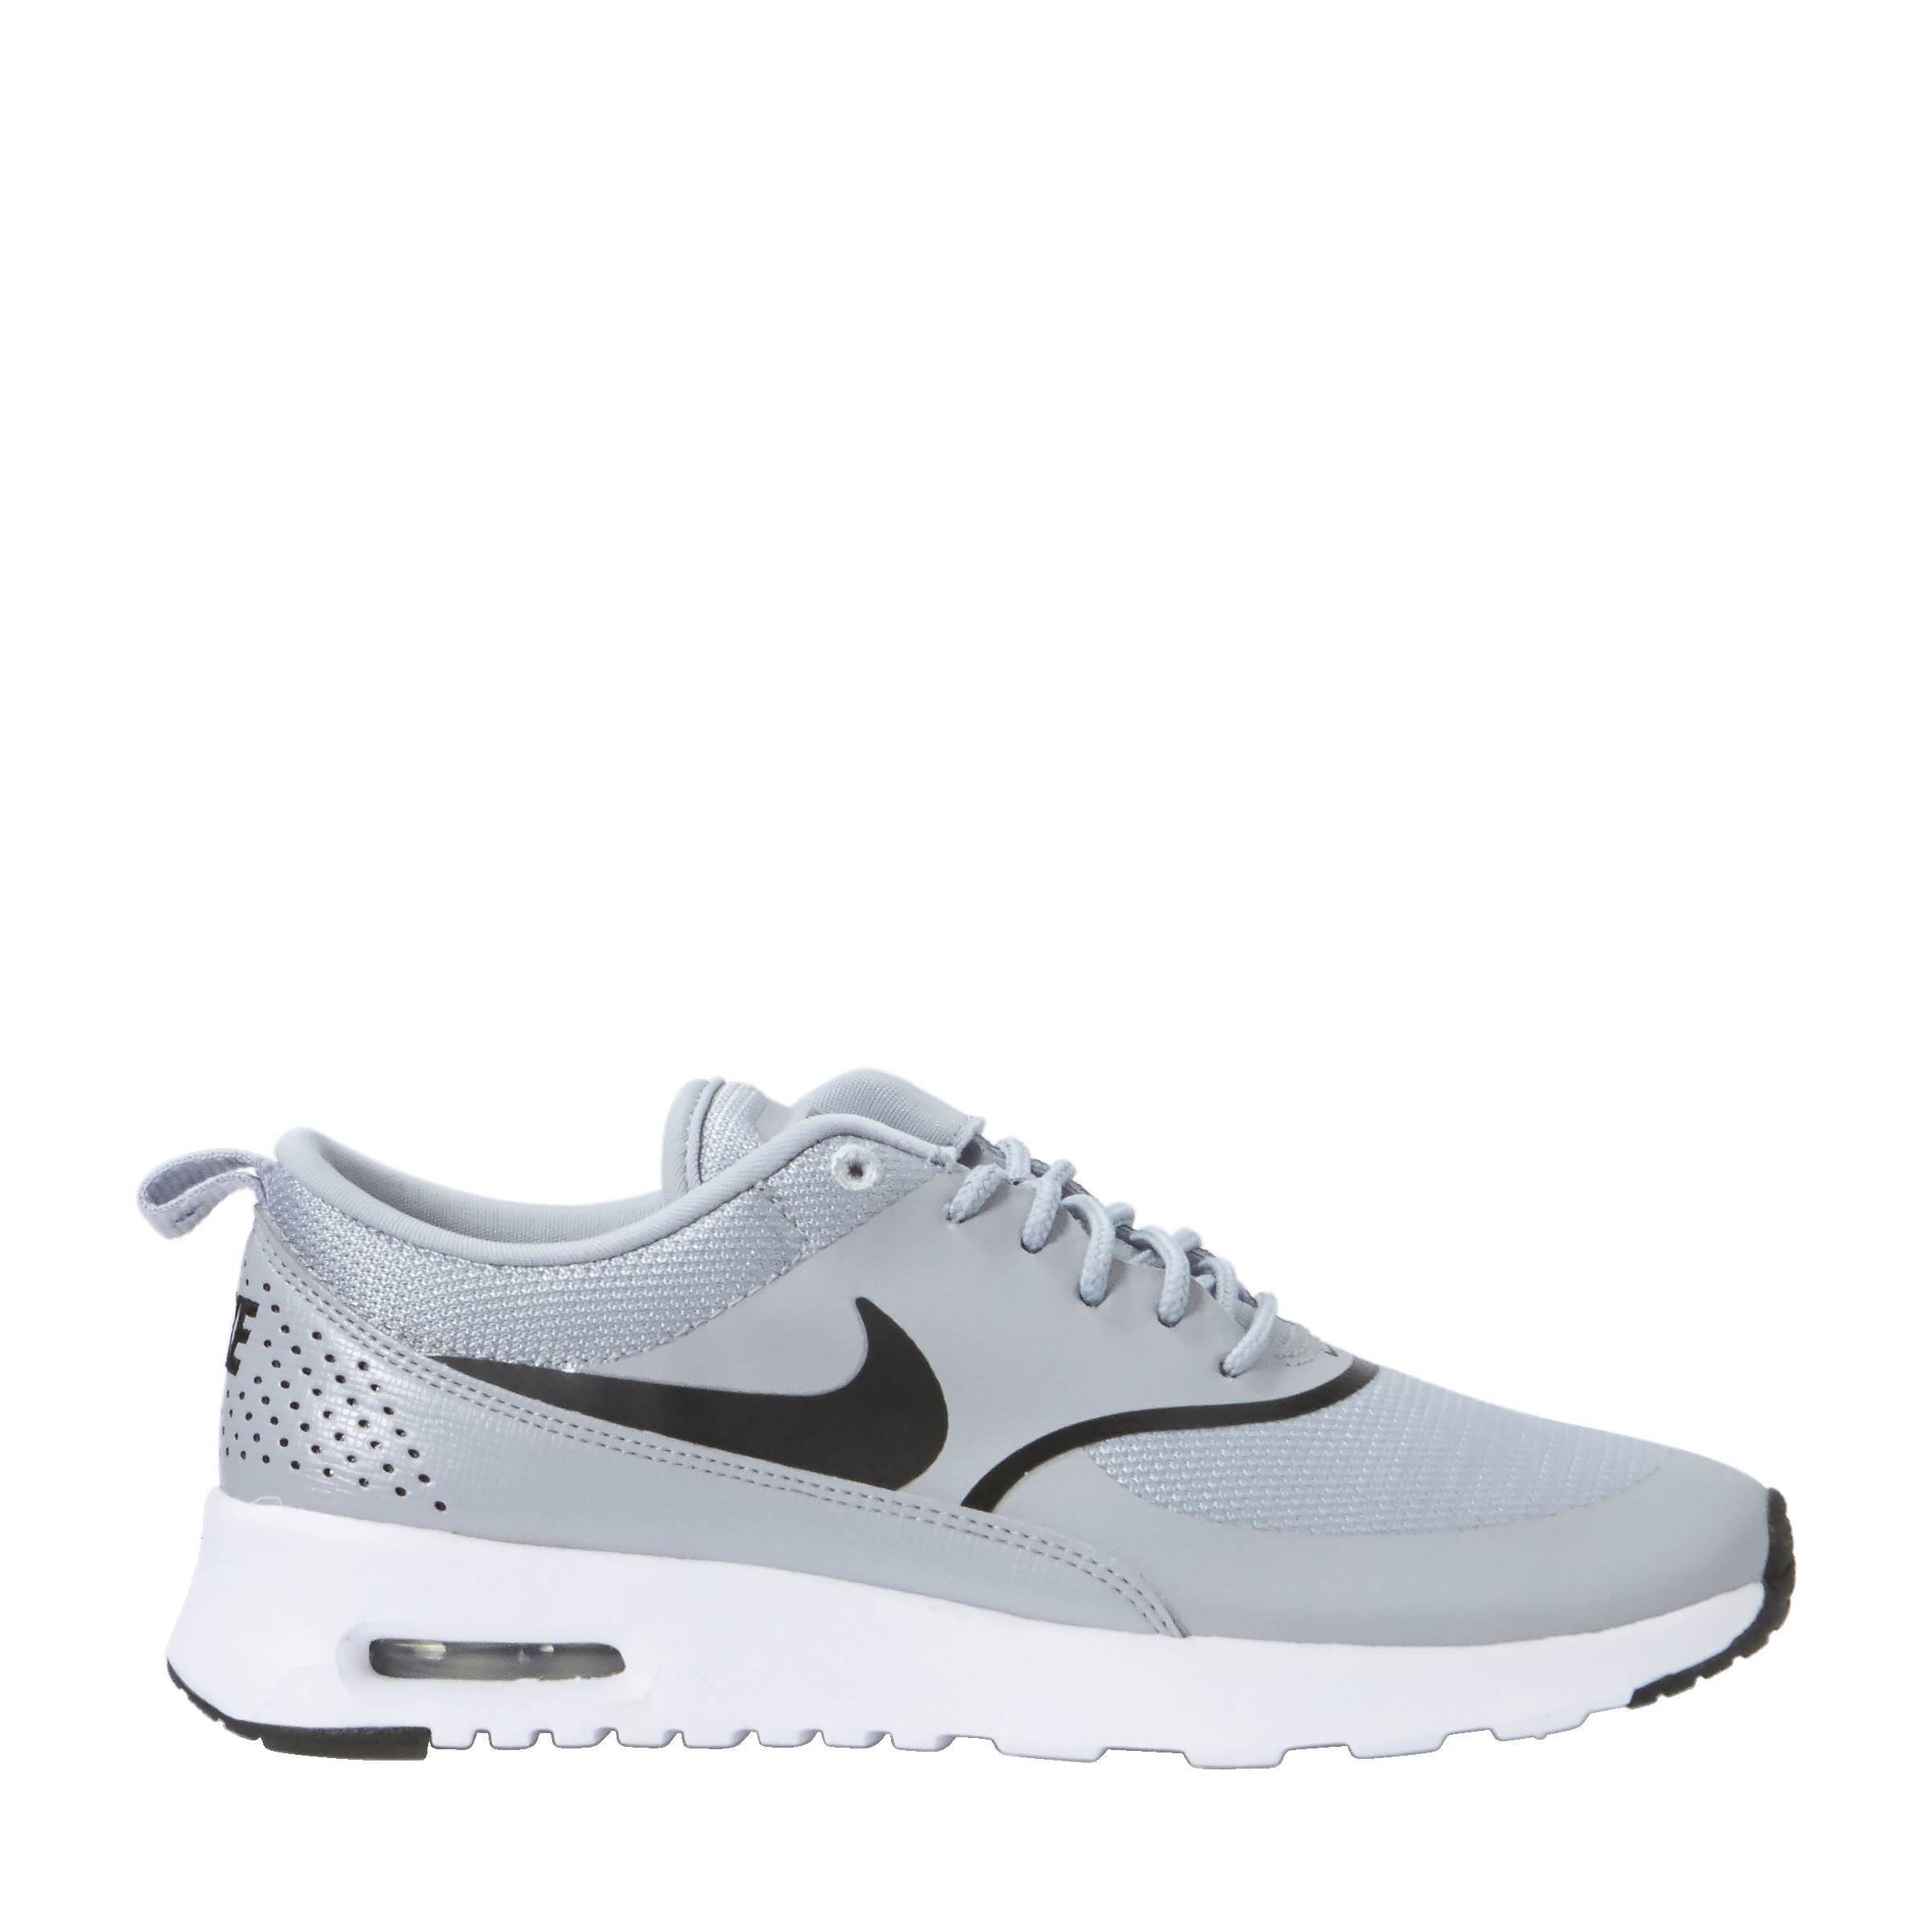 92c9083e1f2 Nike Air Max Thea sneakers | wehkamp